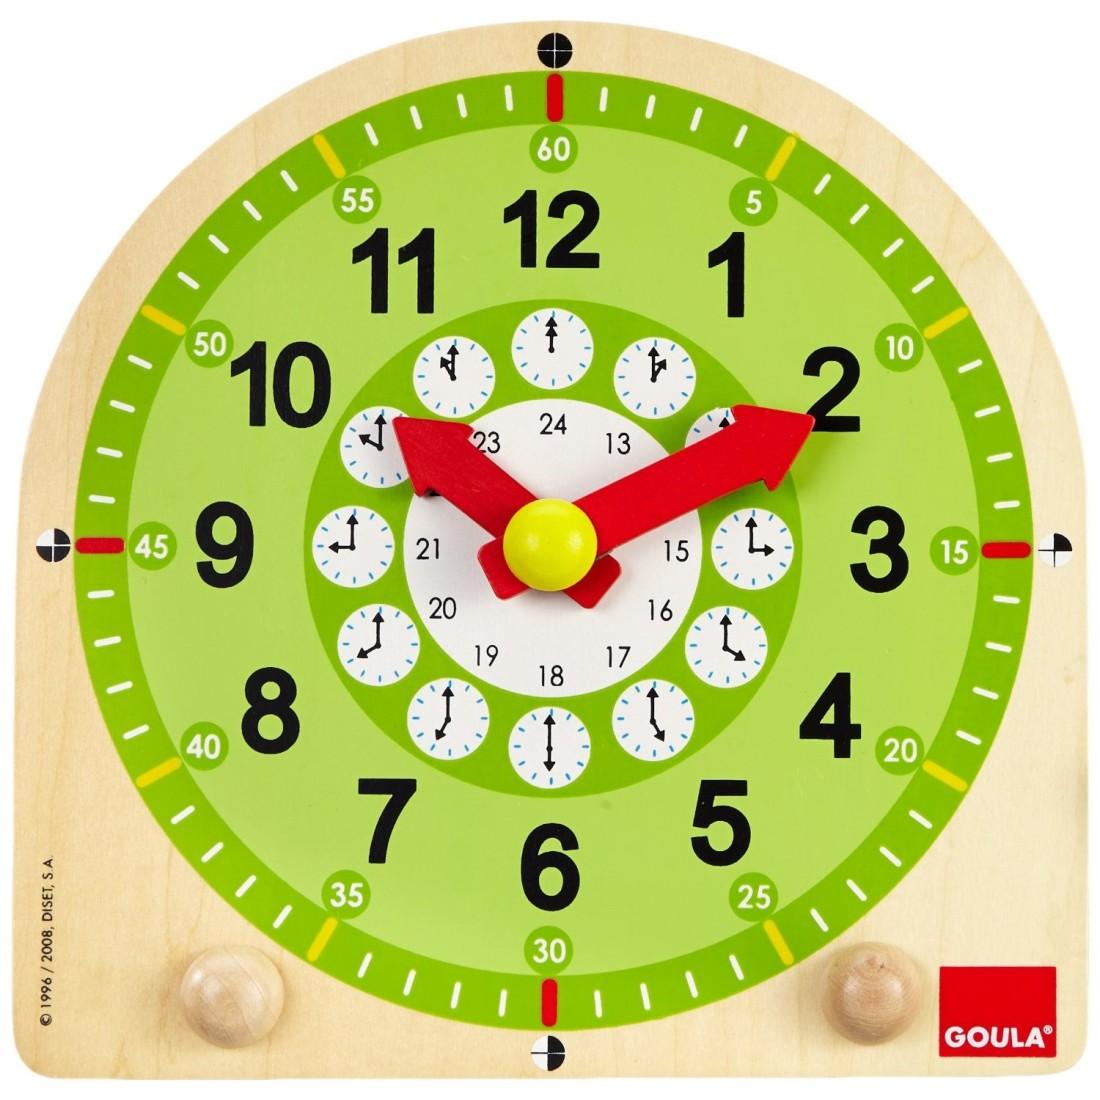 Extrêmement orologio in legno per bambini per imparare a leggere l'ora KV77